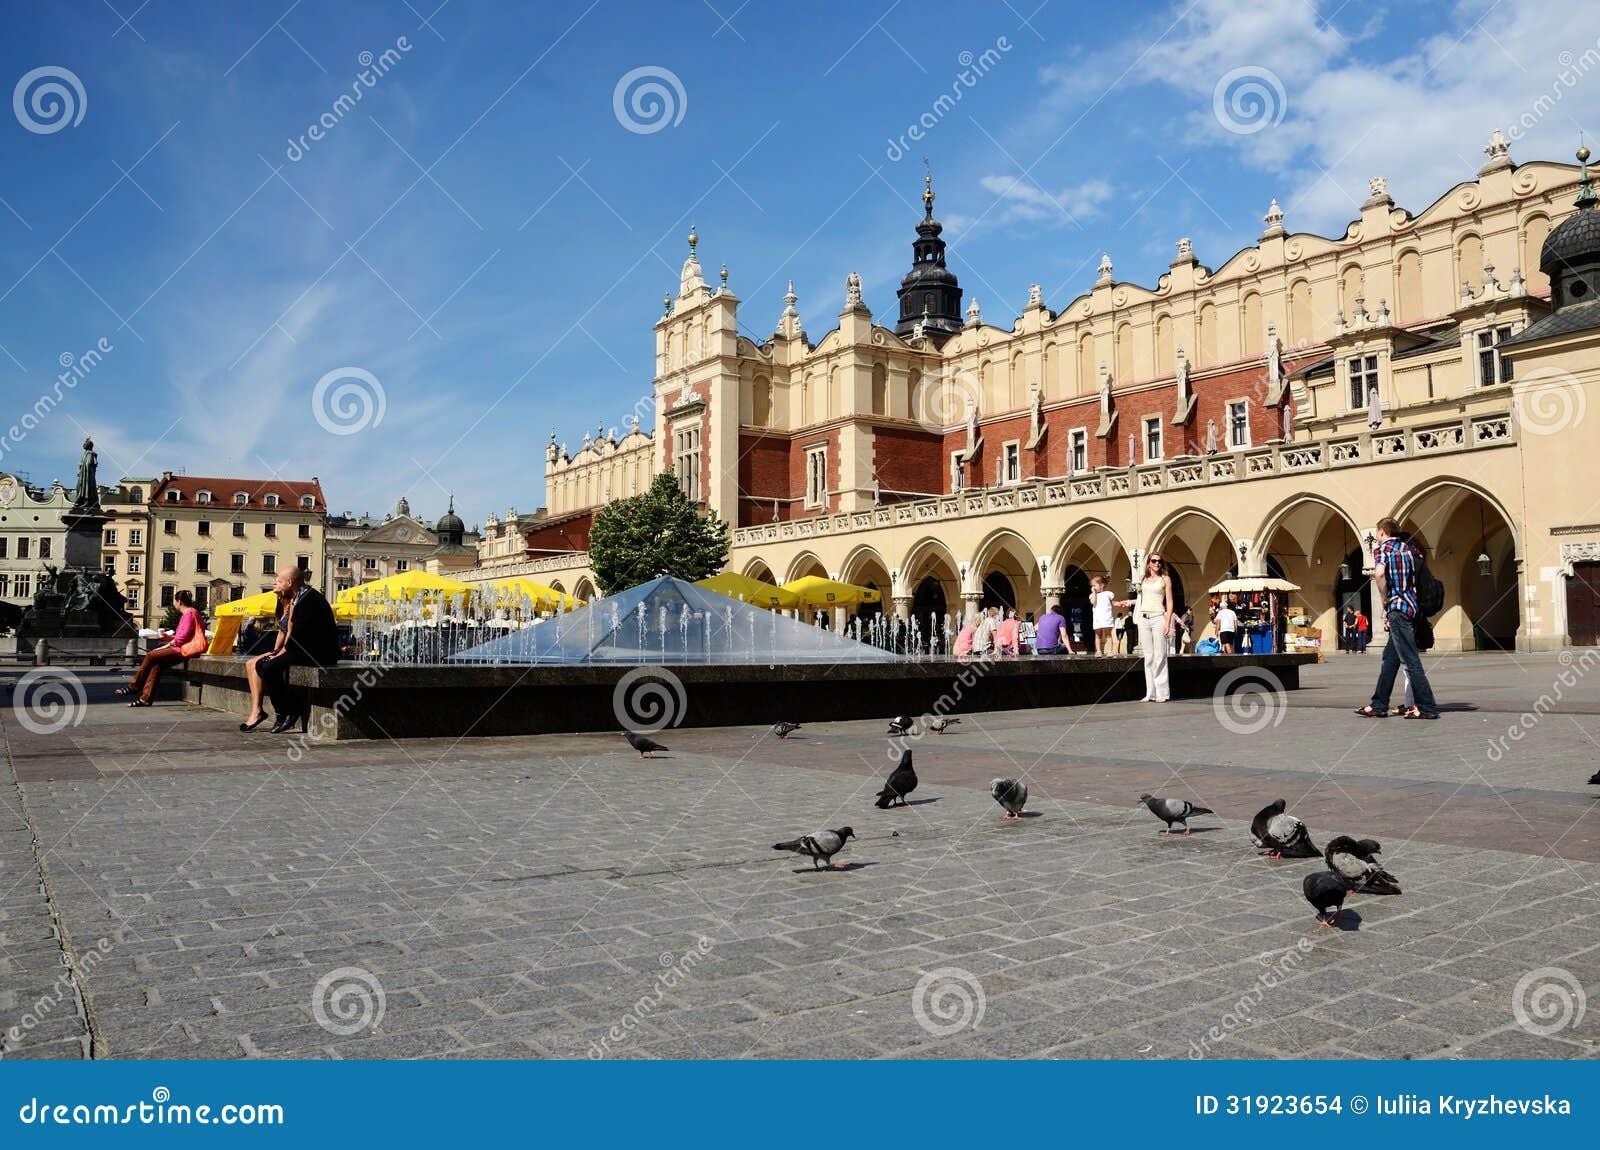 Αναγέννηση Sukiennice γνωστό επίσης ως αίθουσα υφασμάτων στην Κρακοβία, Πολωνία